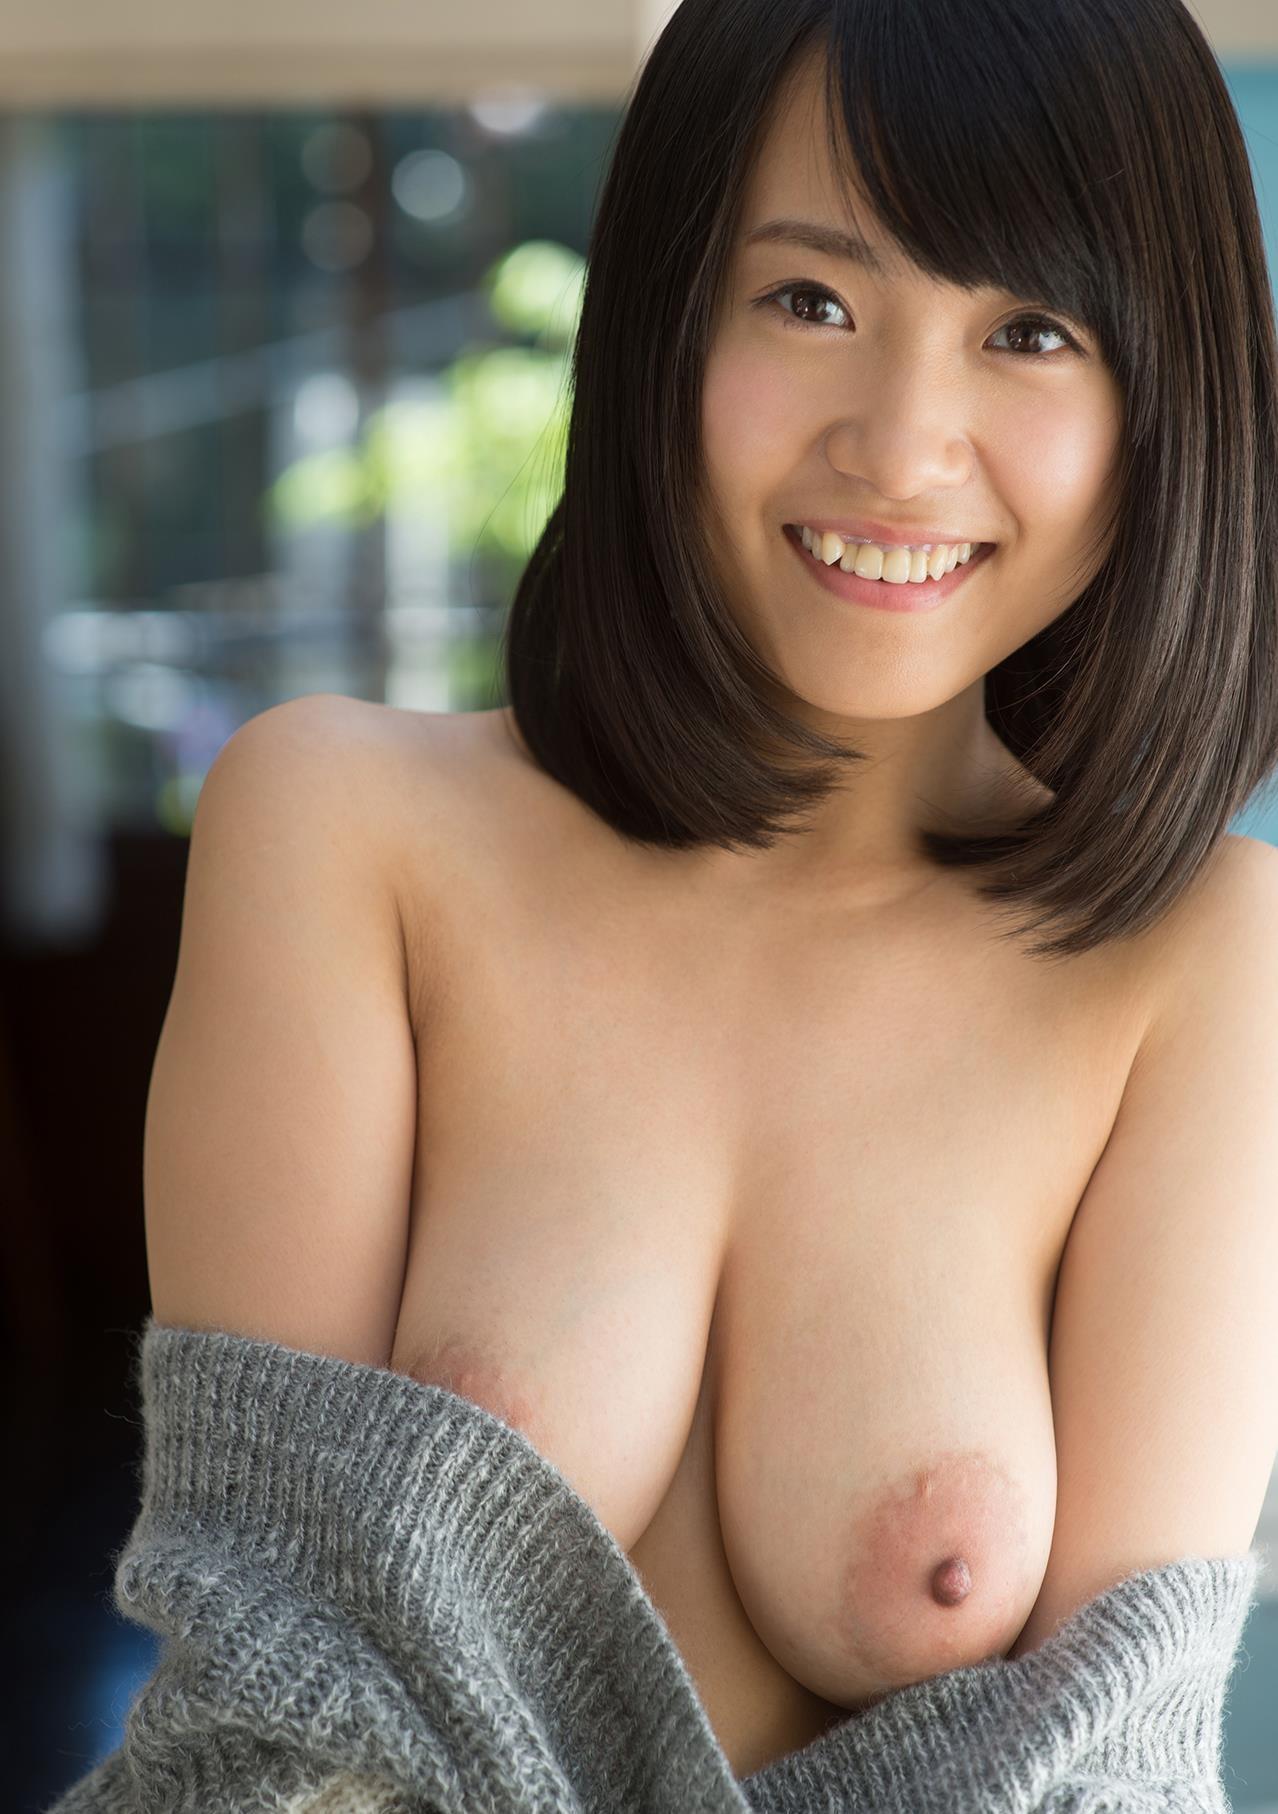 長瀬麻美 画像 223